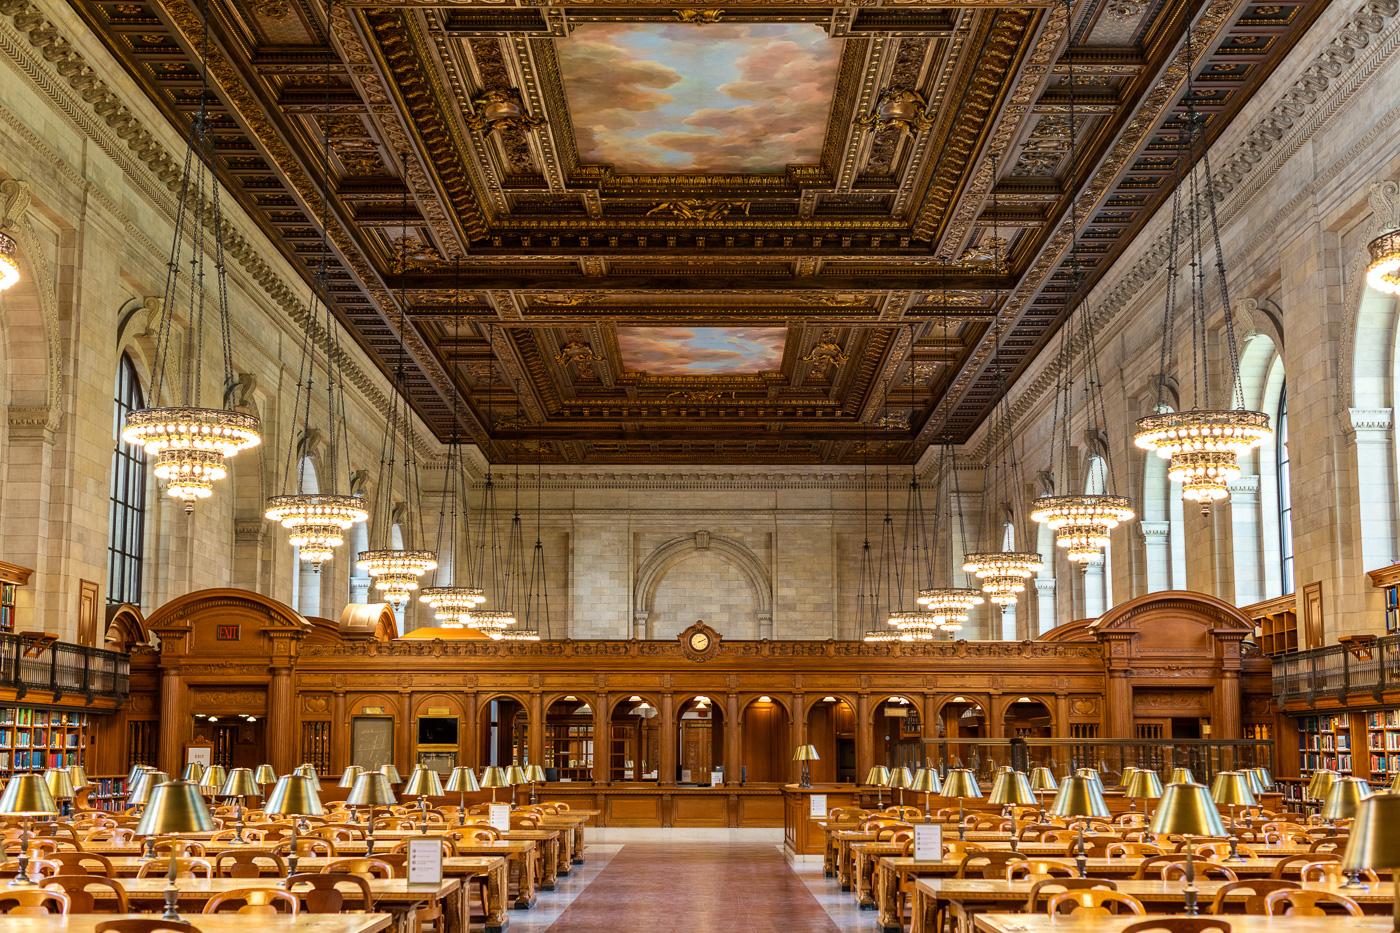 Plafond peint, boiseries, bibliothèques, lustres et tables de la New York Public Libary